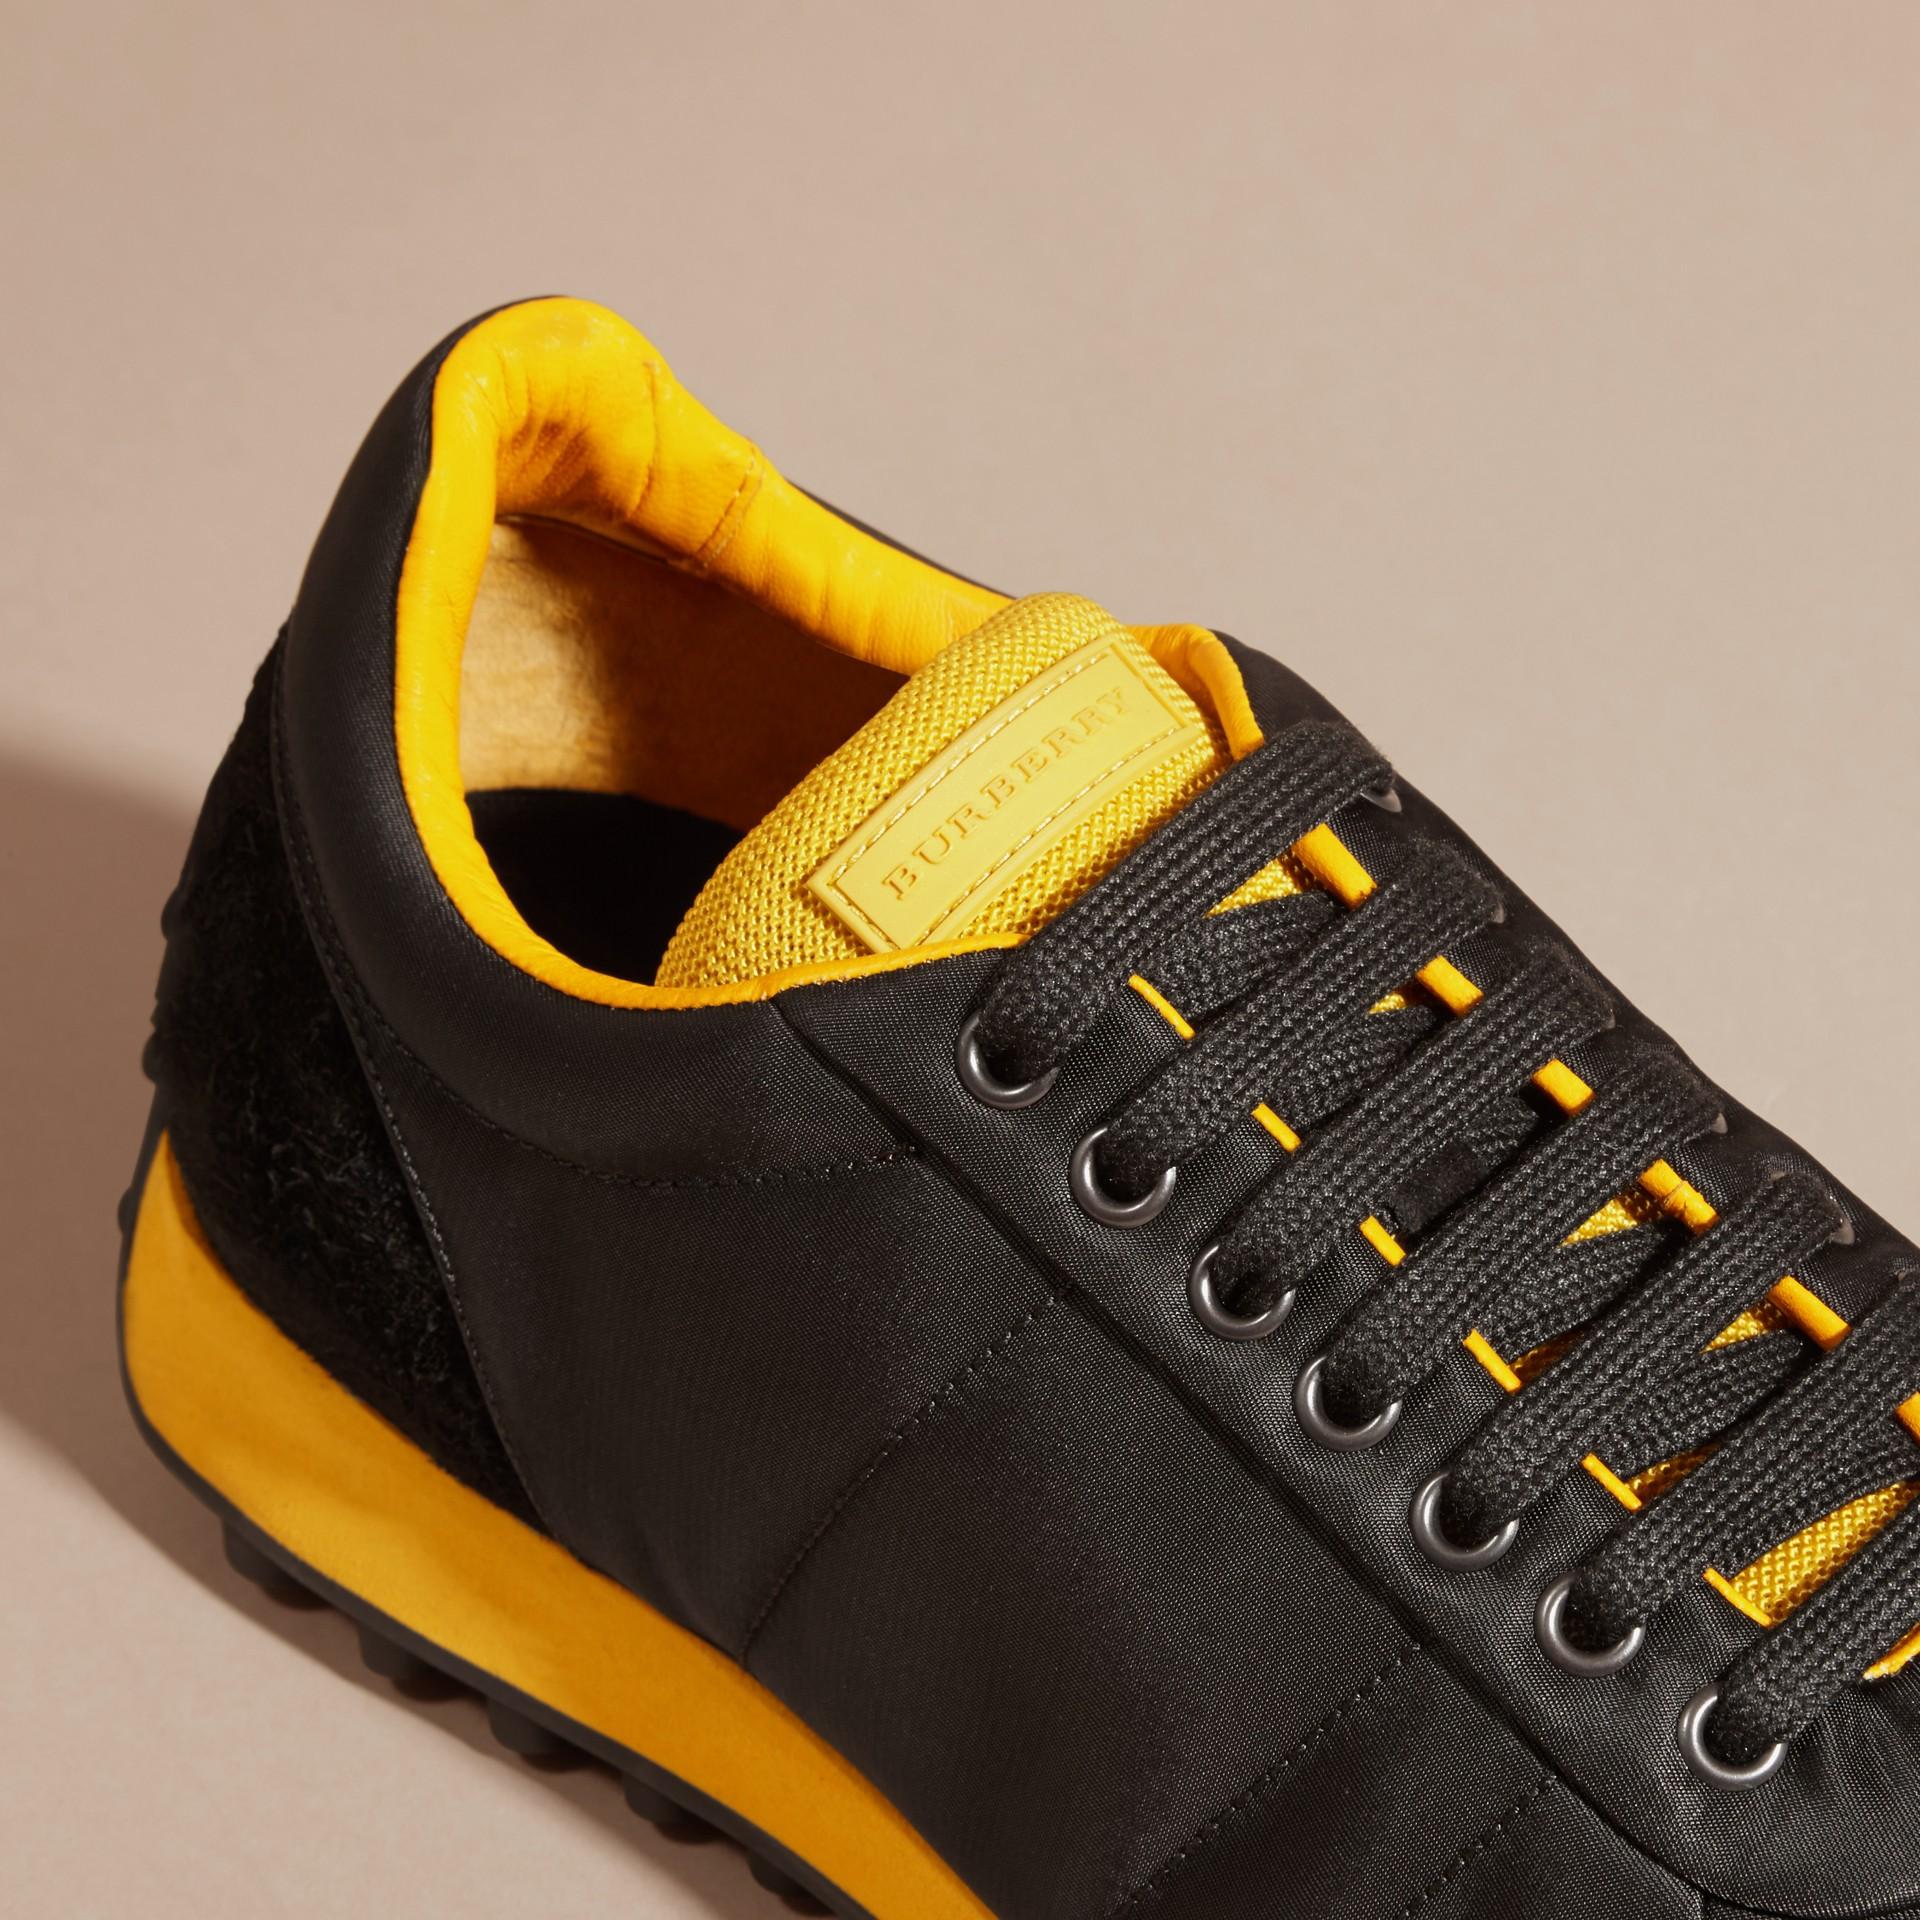 Nero/giallo bruciato Sneaker tecniche con finiture effetto texture Nero/giallo Bruciato - immagine della galleria 2